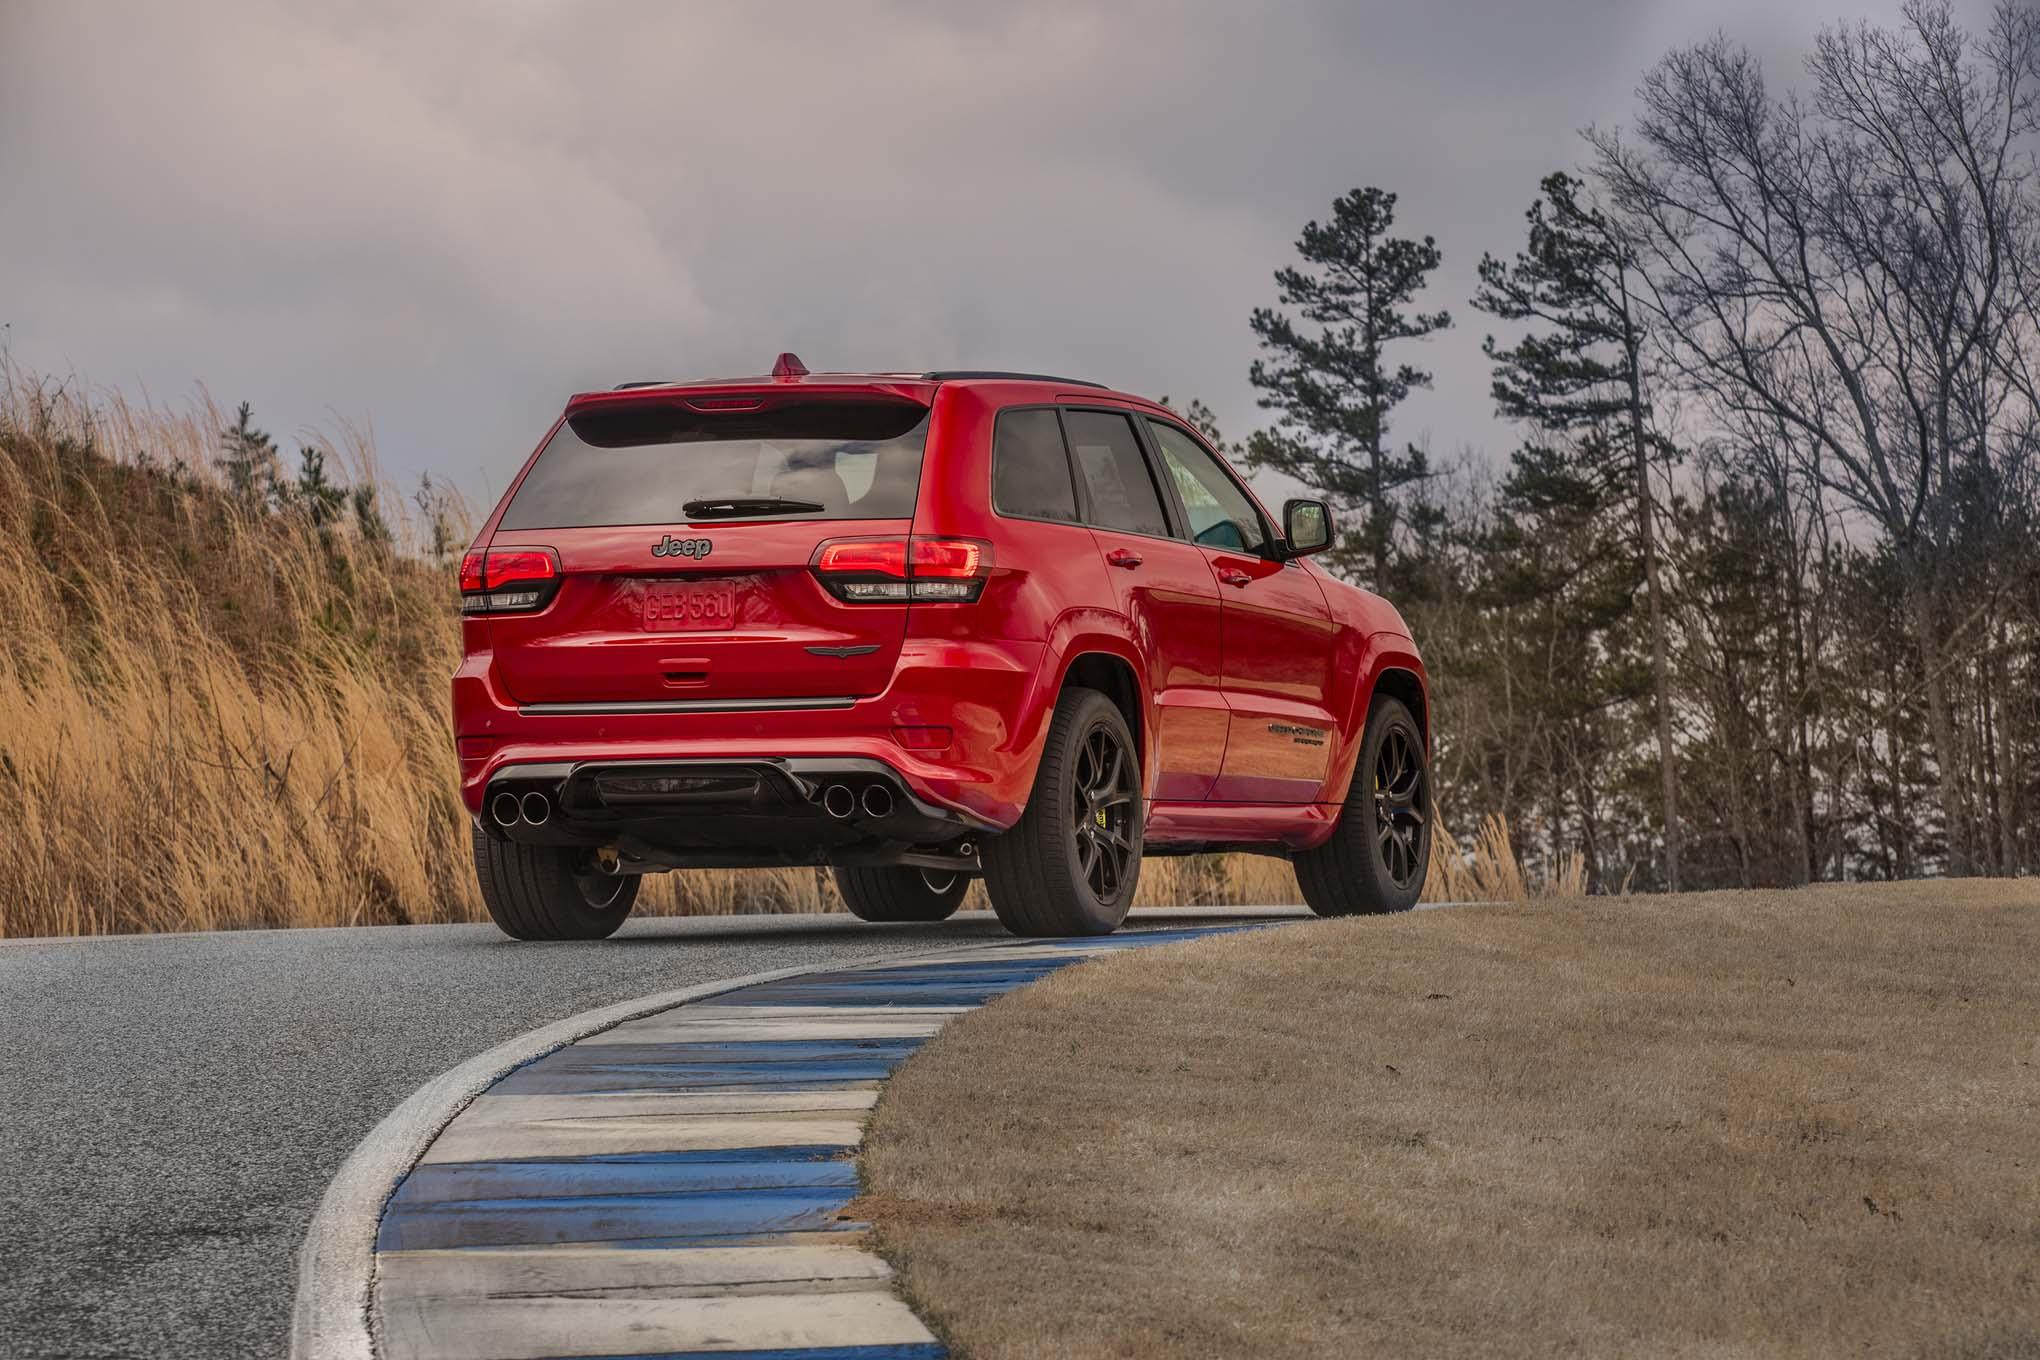 2018 Jeep Grand Cherokee Trackhawk Rear Three Quarters